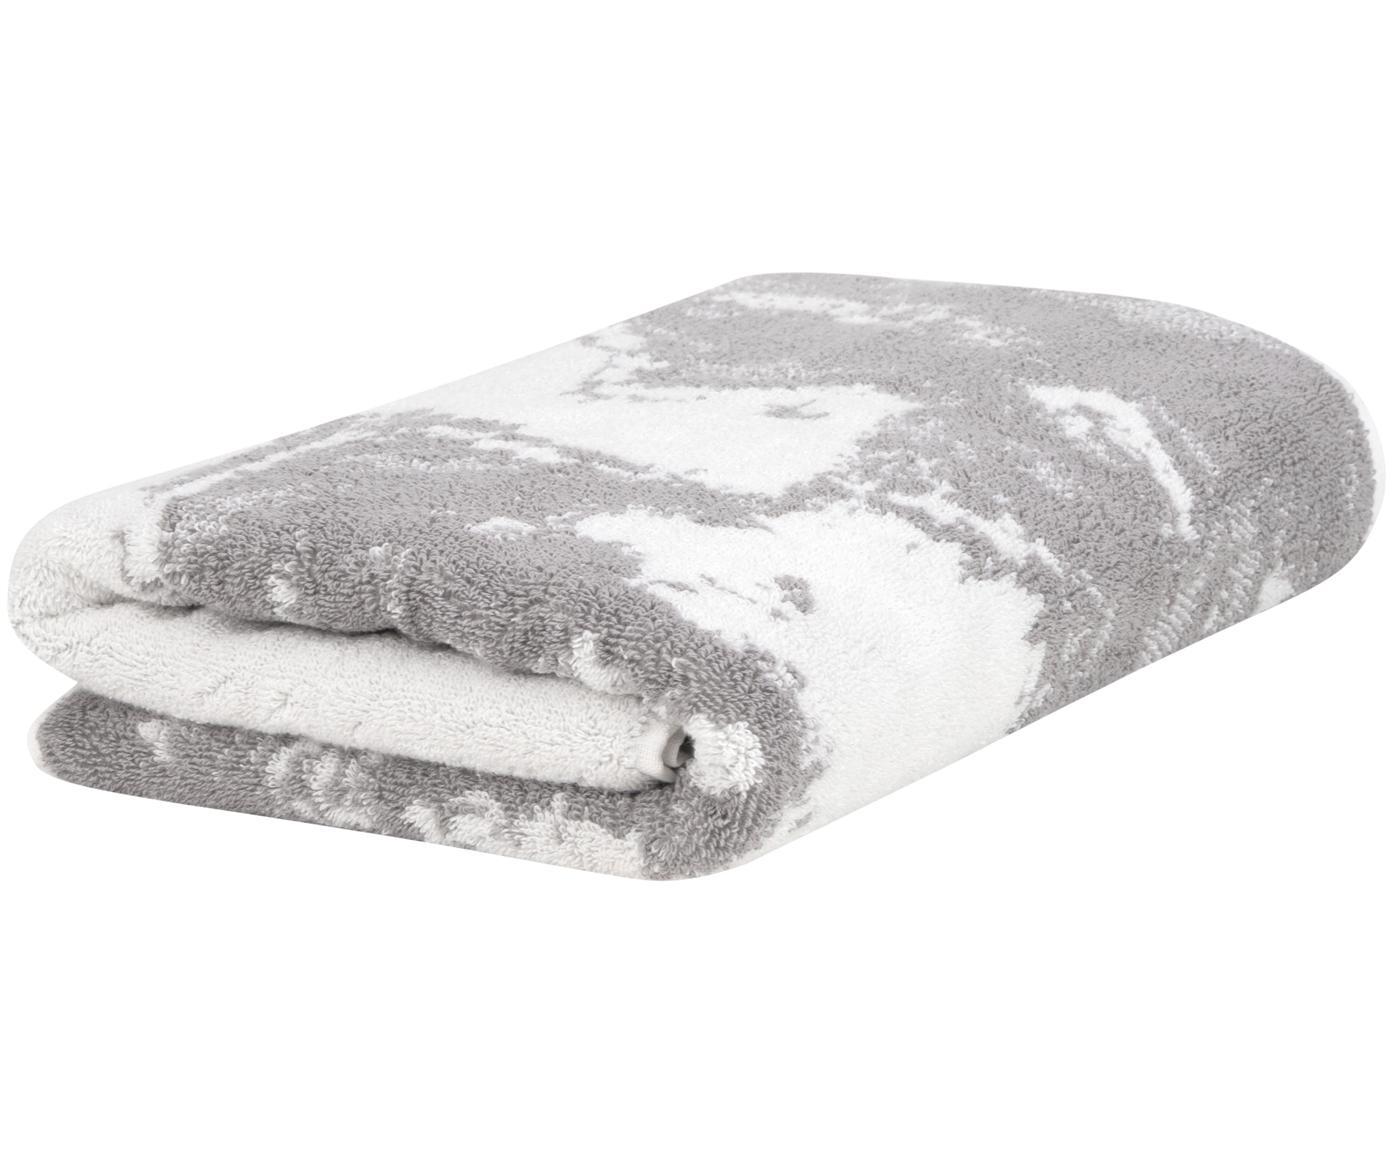 Ręcznik Malin, Szary, kremowobiały, Ręcznik dla gości